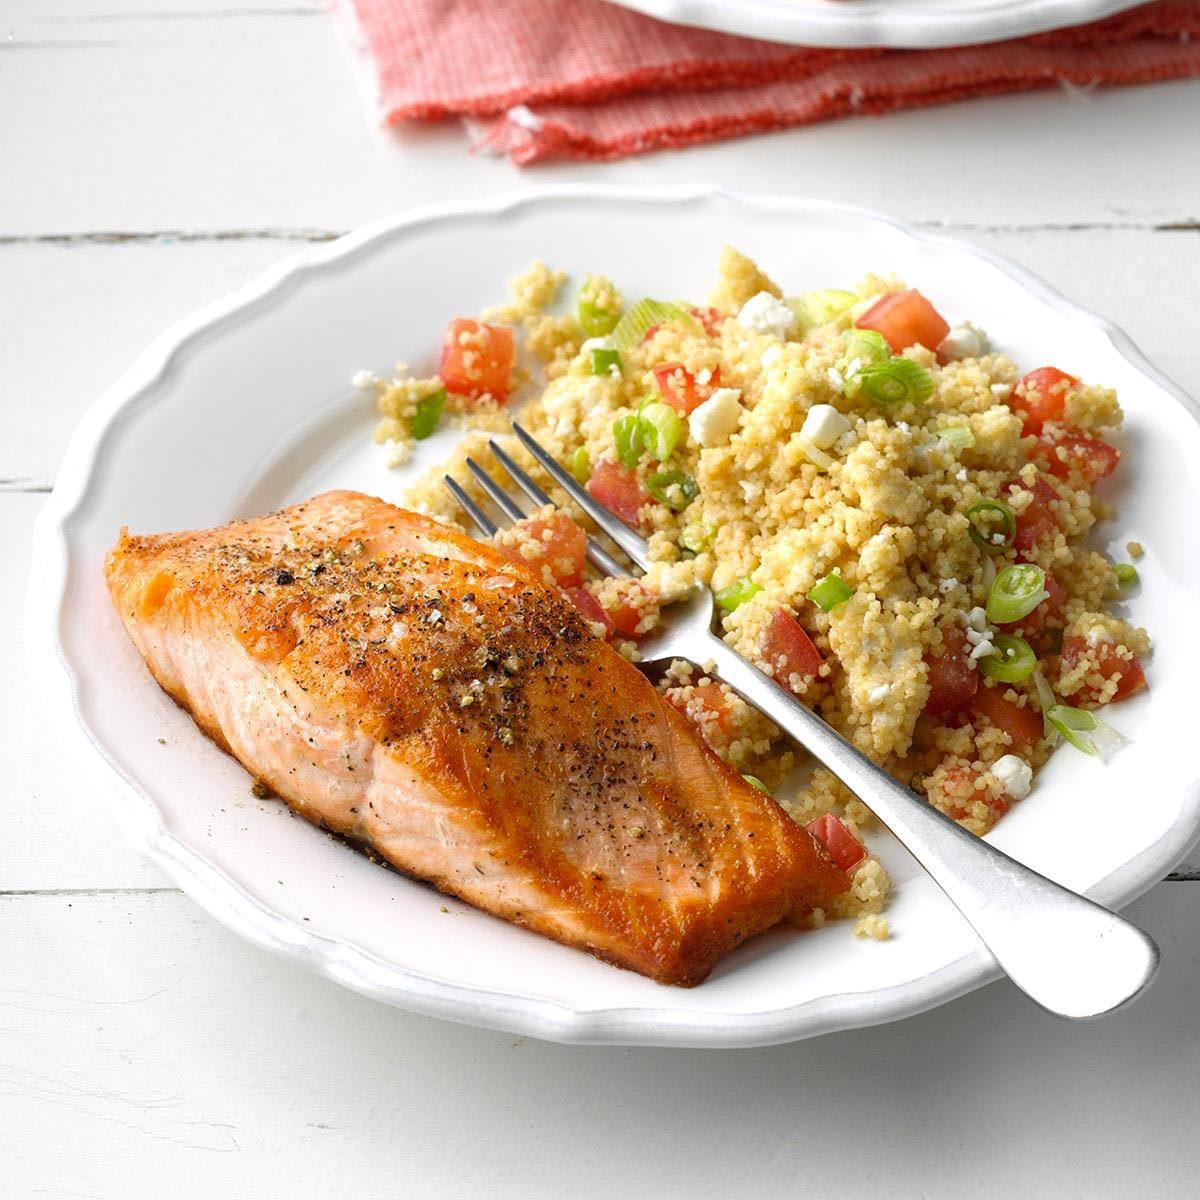 Les meilleurs aliments pour avoir une belle peau : le saumon.